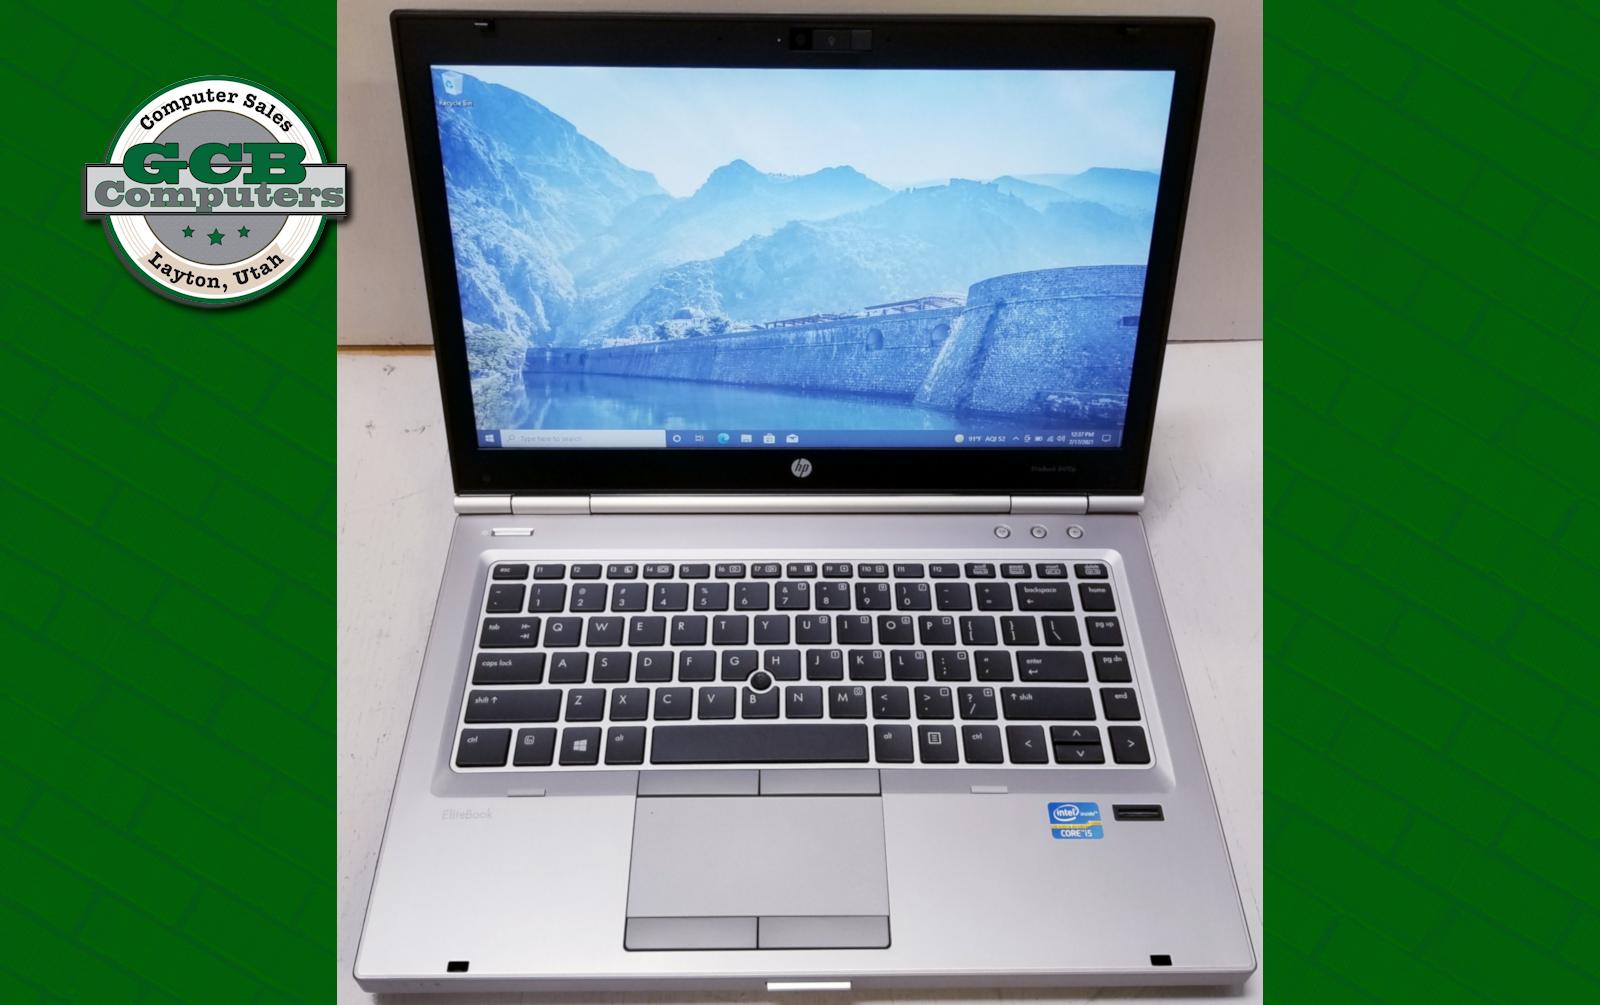 $120 HP EliteBook 8470p i5-3230M 128GB SSD 8GB RAM